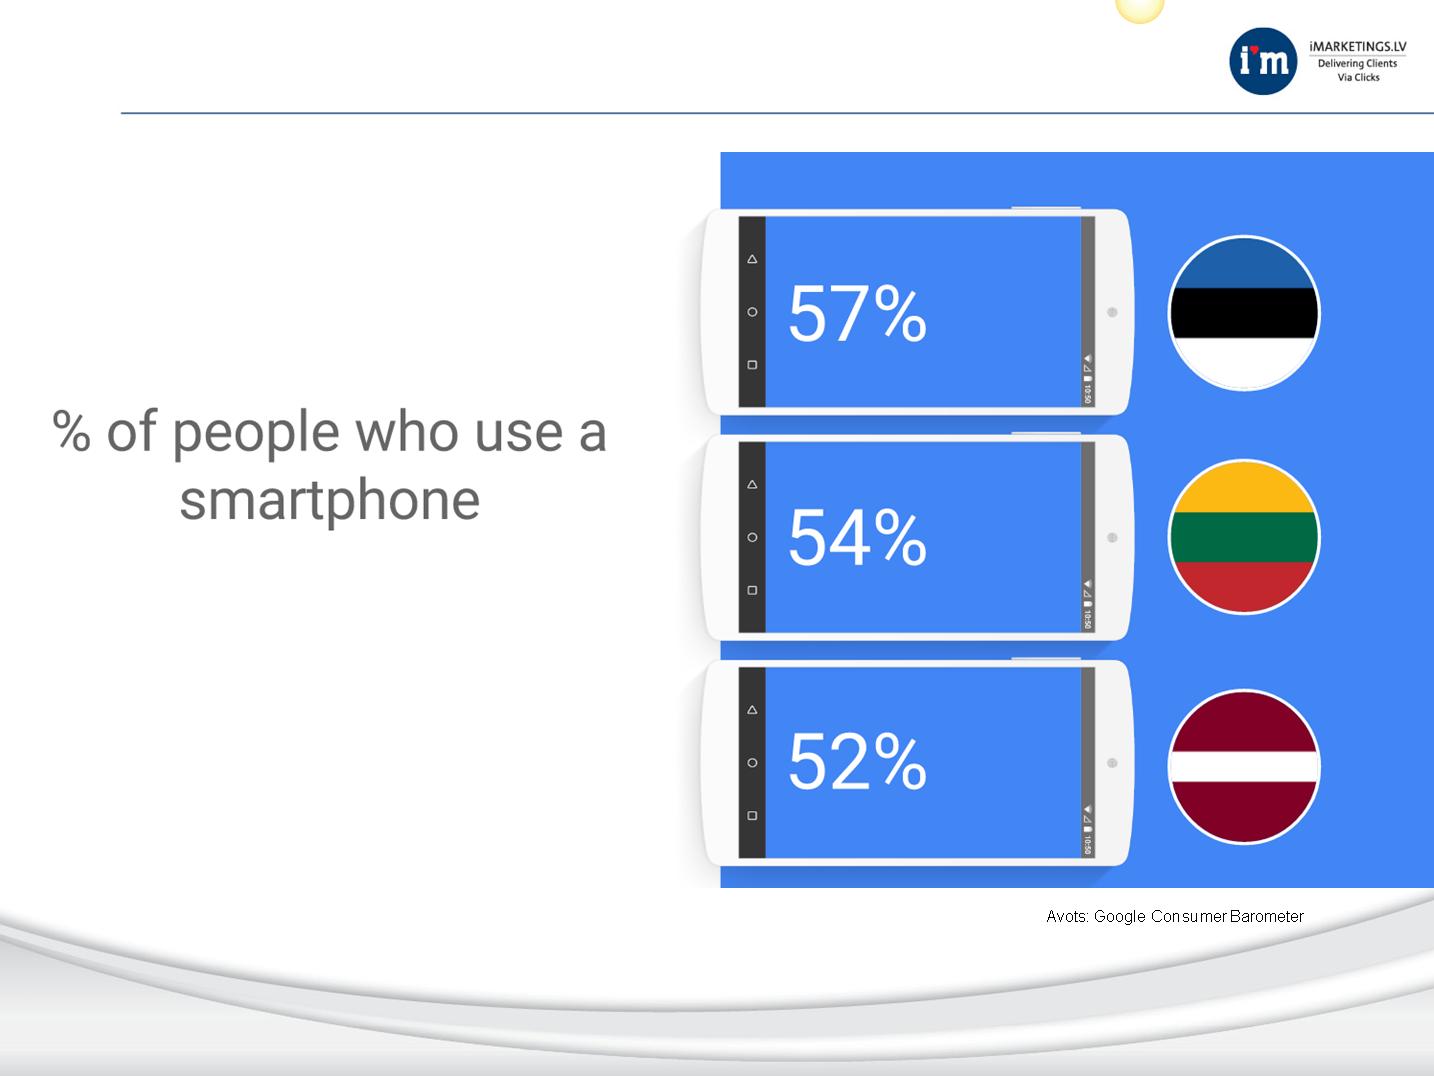 Lietotāji, kas izmanto viedtālruņus. 2015